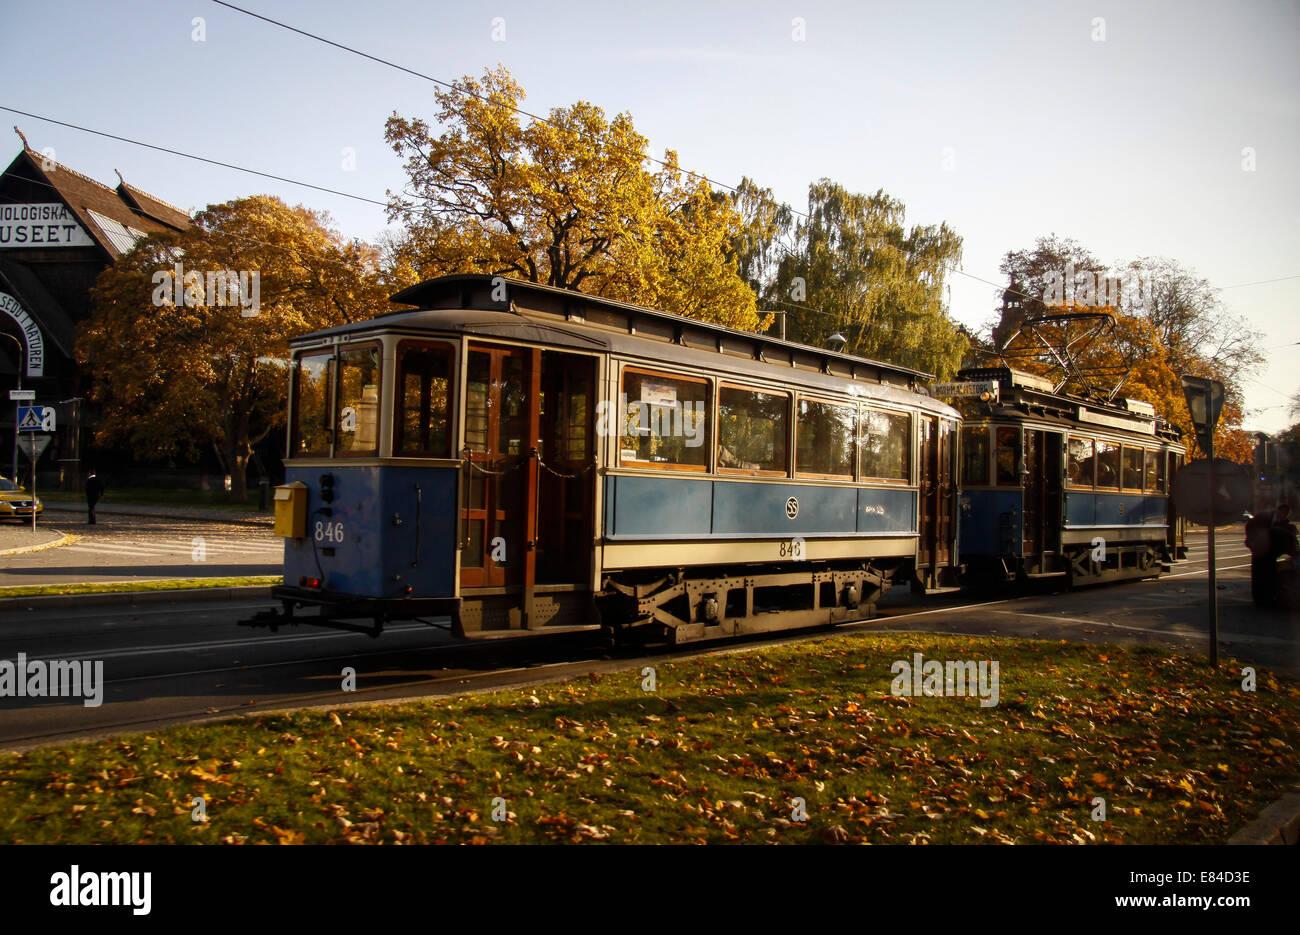 Old tram in Stockholm, Sweden, Sverige - Stock Image